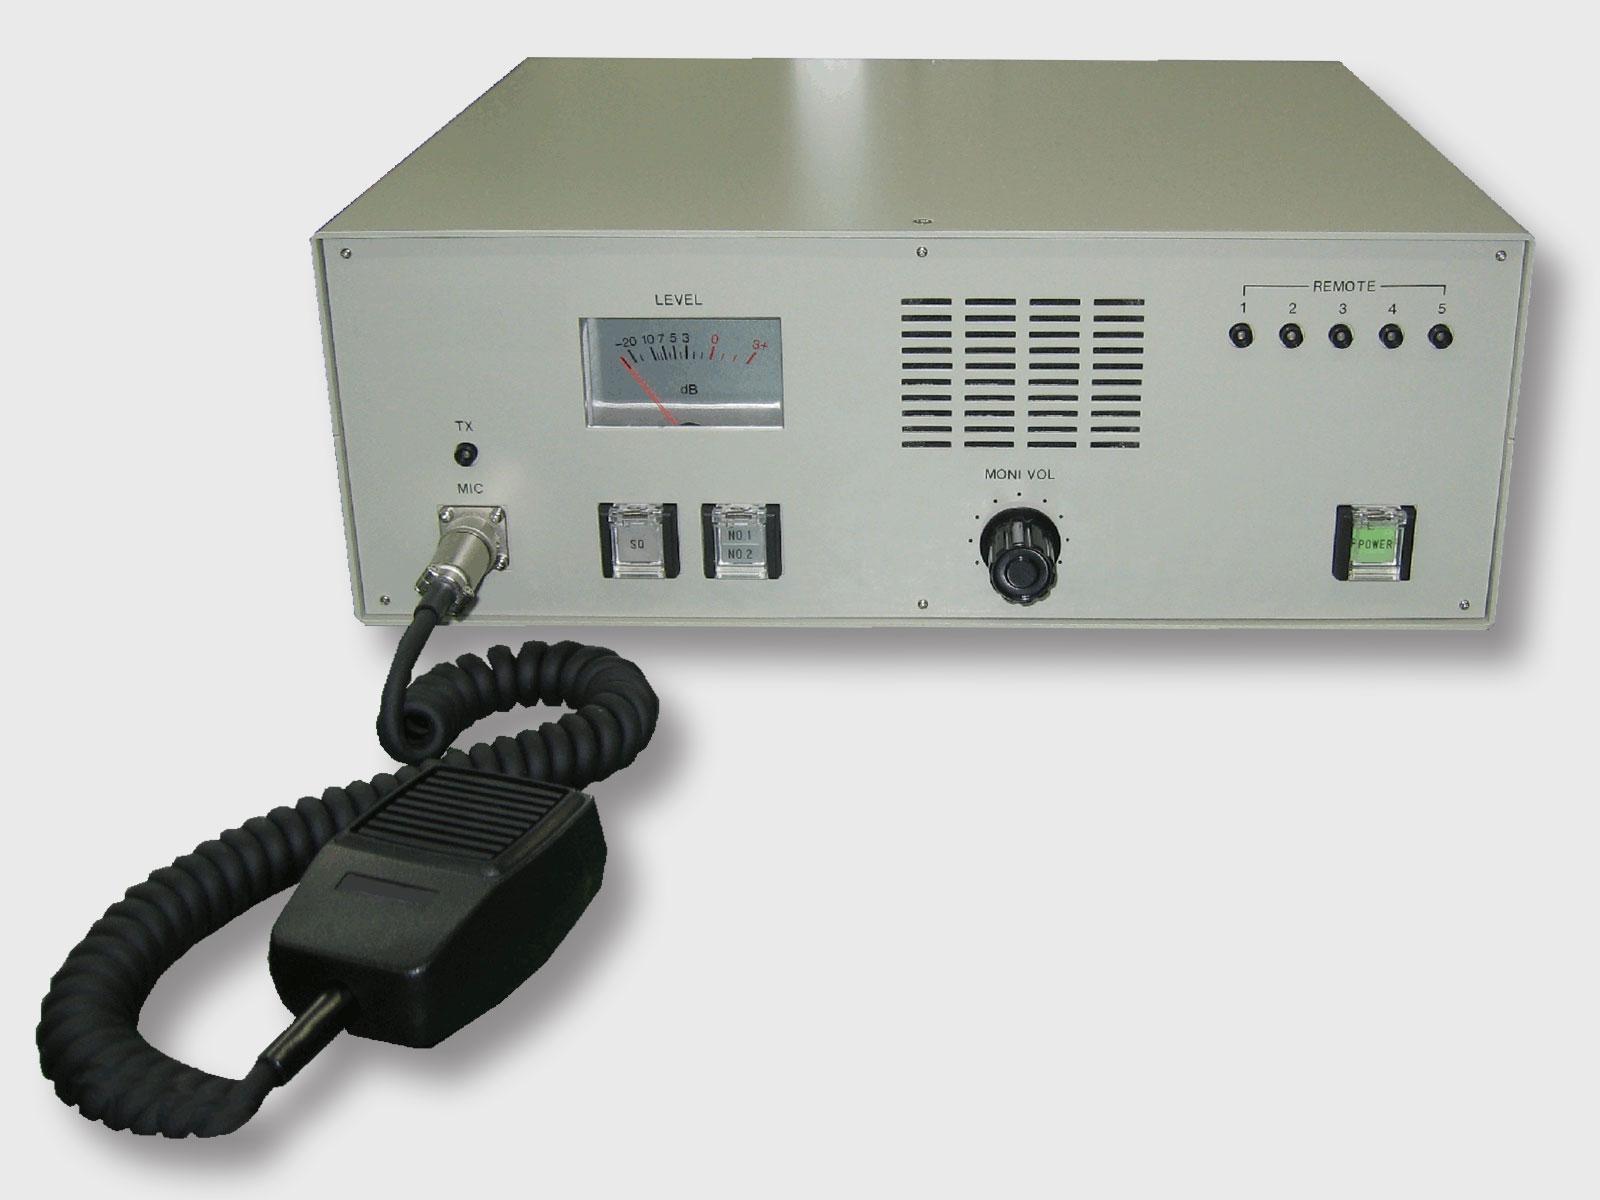 遠隔制御航空無線 送受信装置 ERT2000